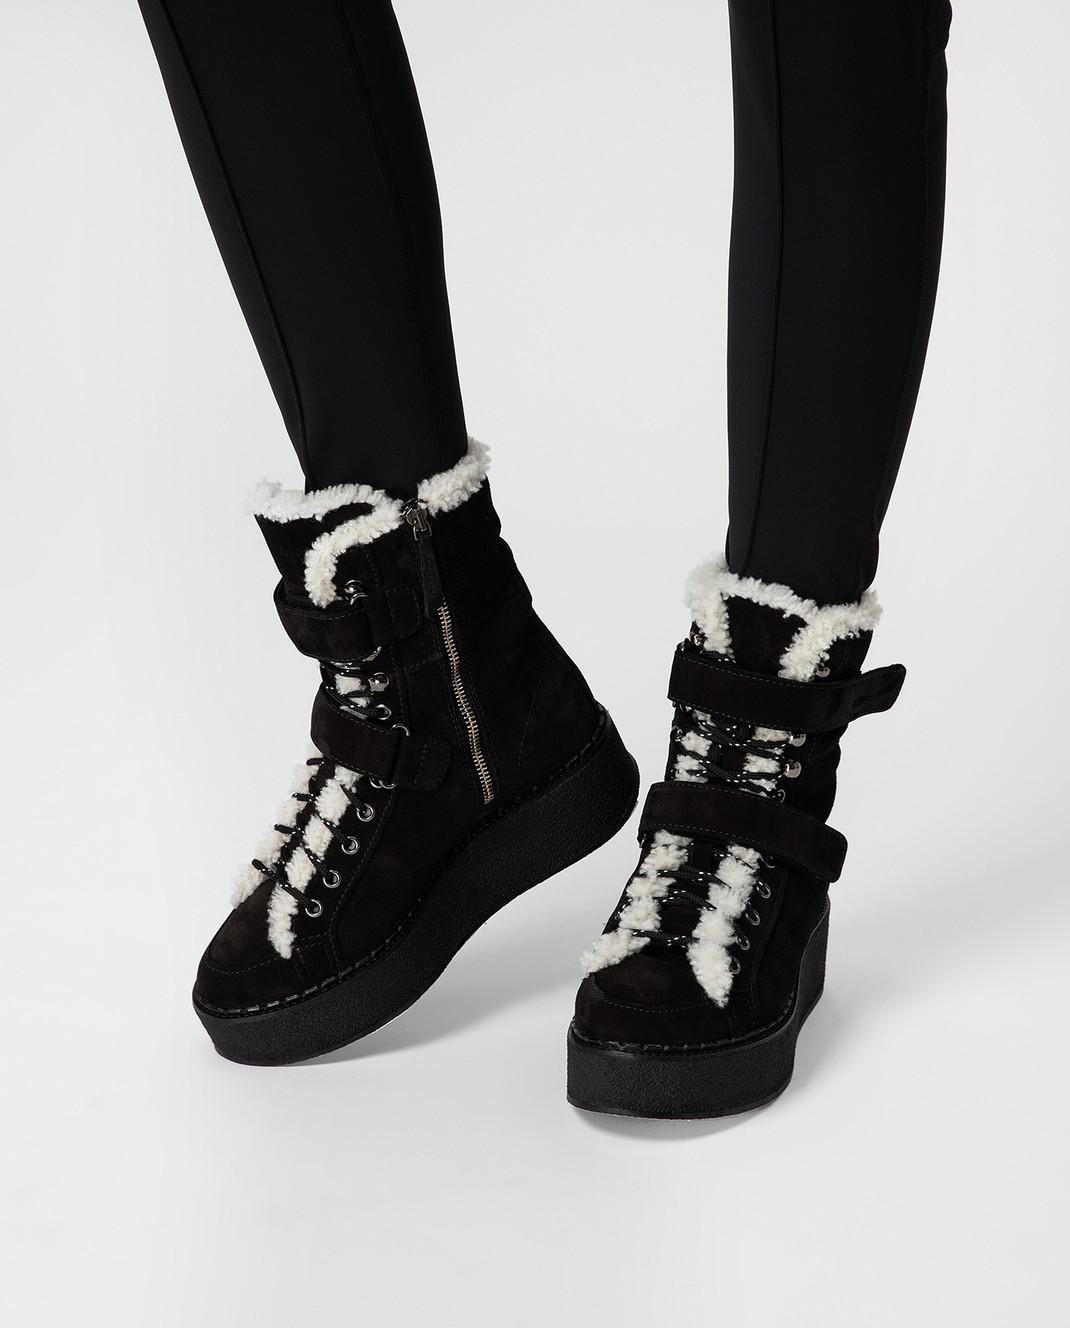 Moncler Черные замшевые ботинки 20482 изображение 2